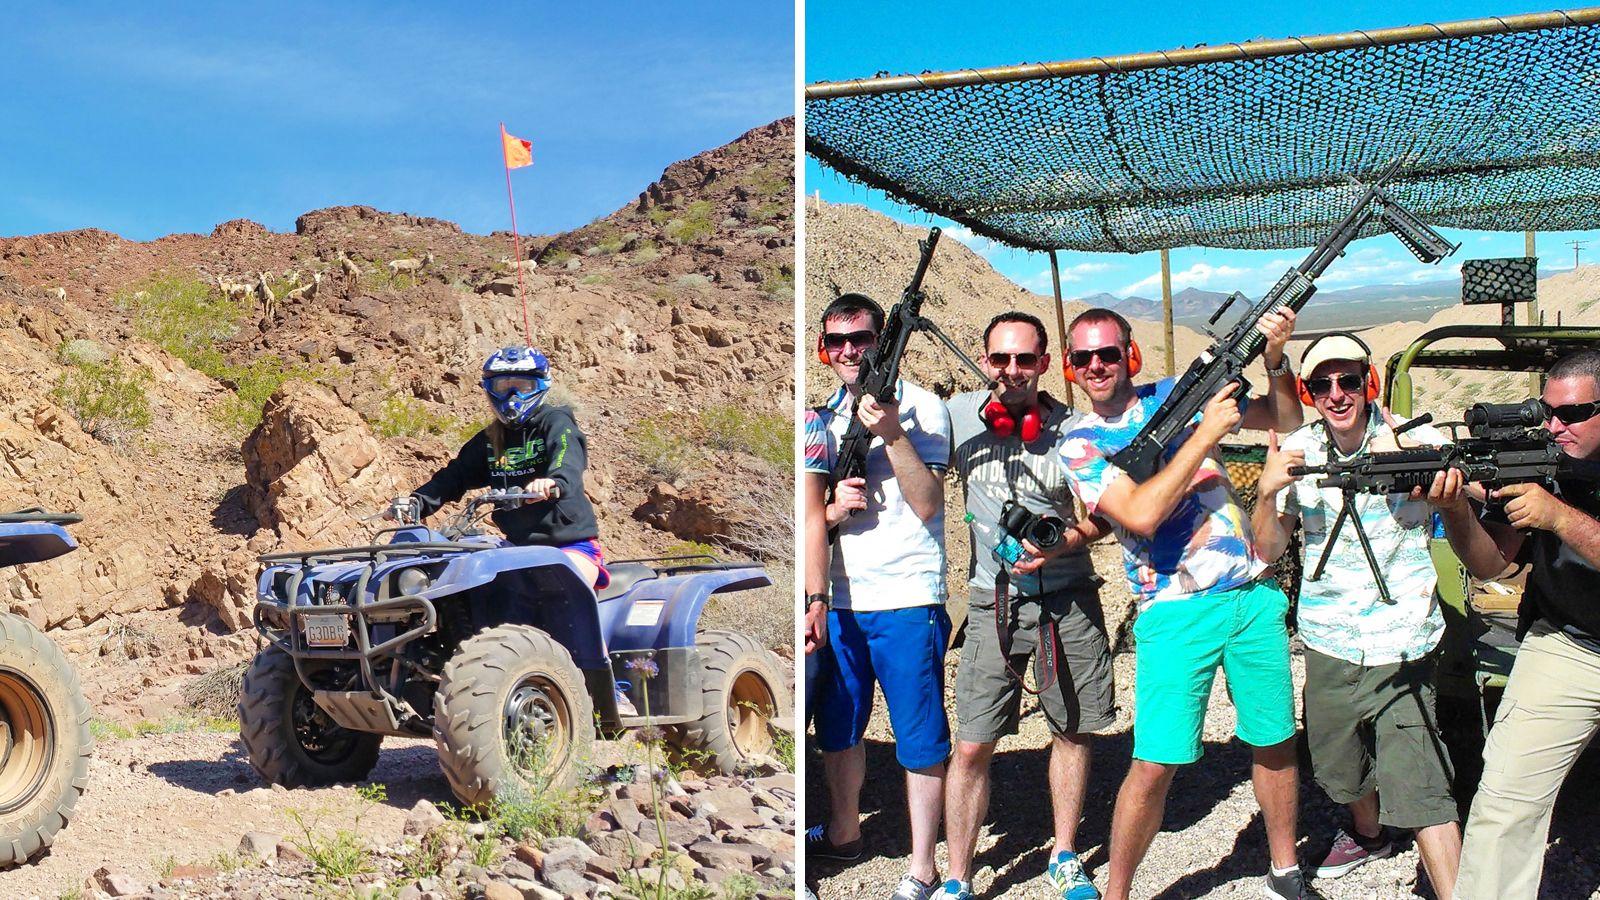 Combo image of activities in Las Vegas